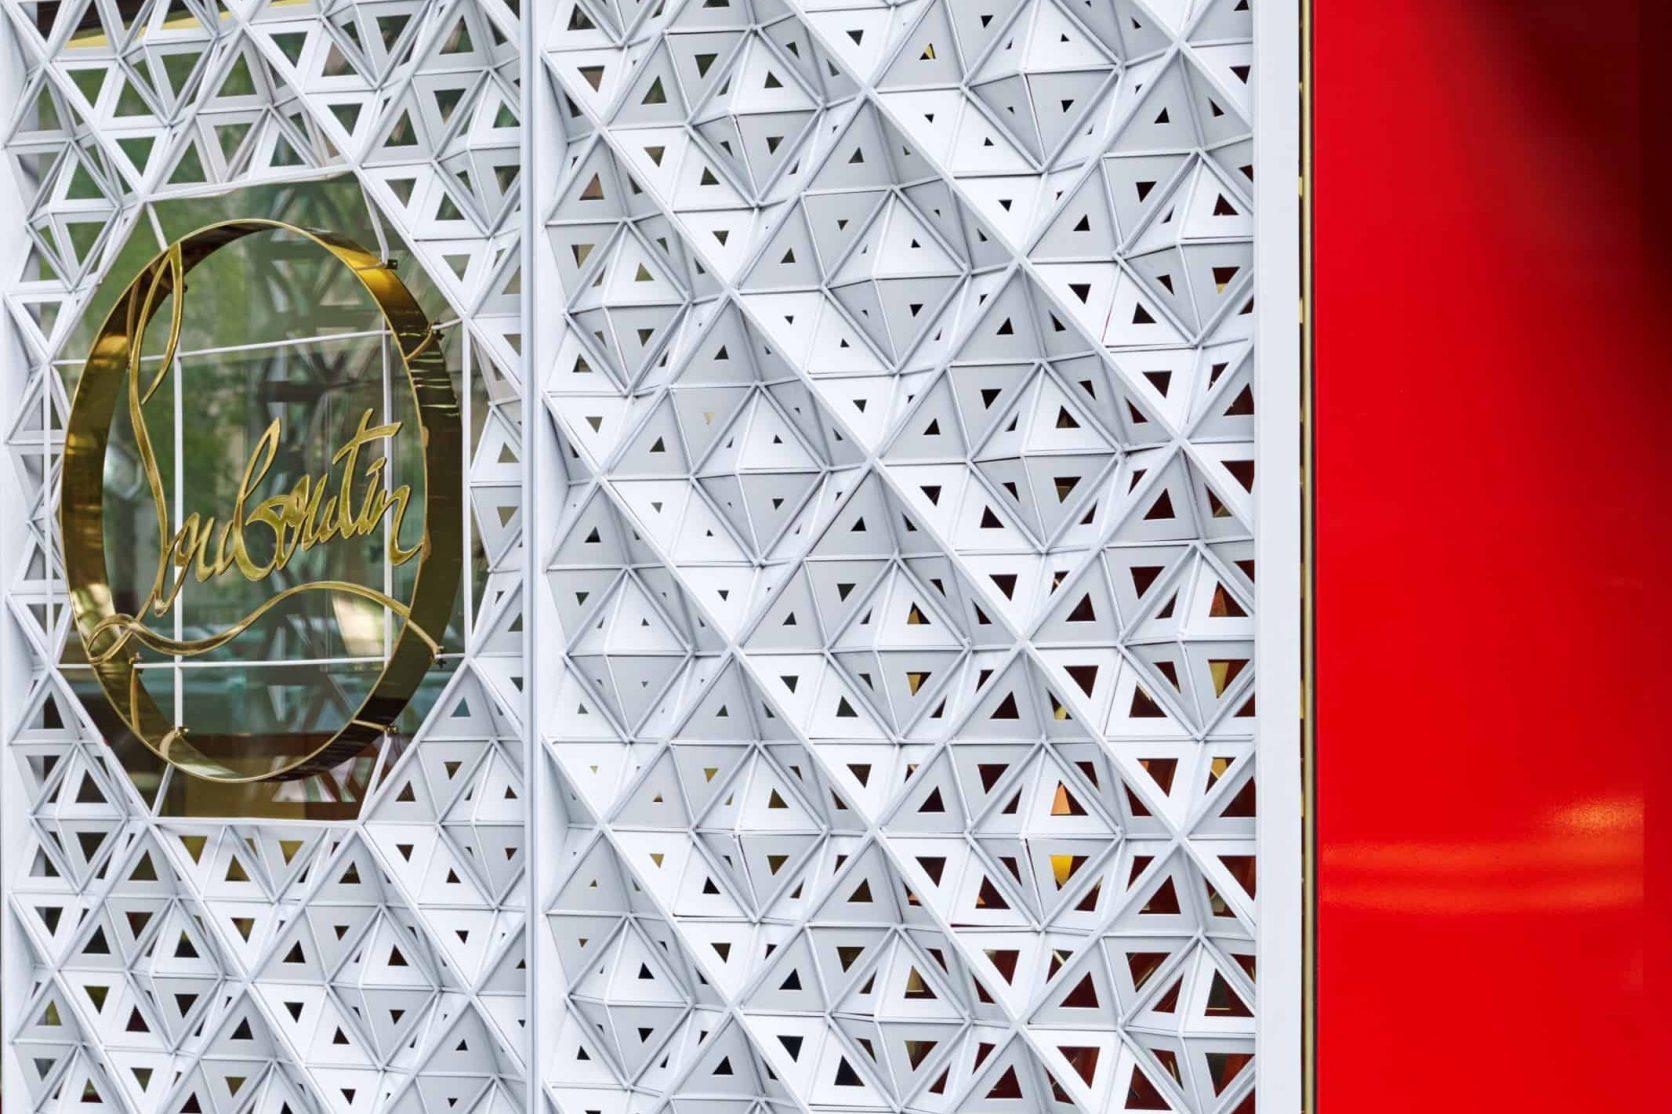 Details van het ontwerp van de rvs panelen voor het winkelpand van schoenenmerk Christian Louboutin in Manhattan New York